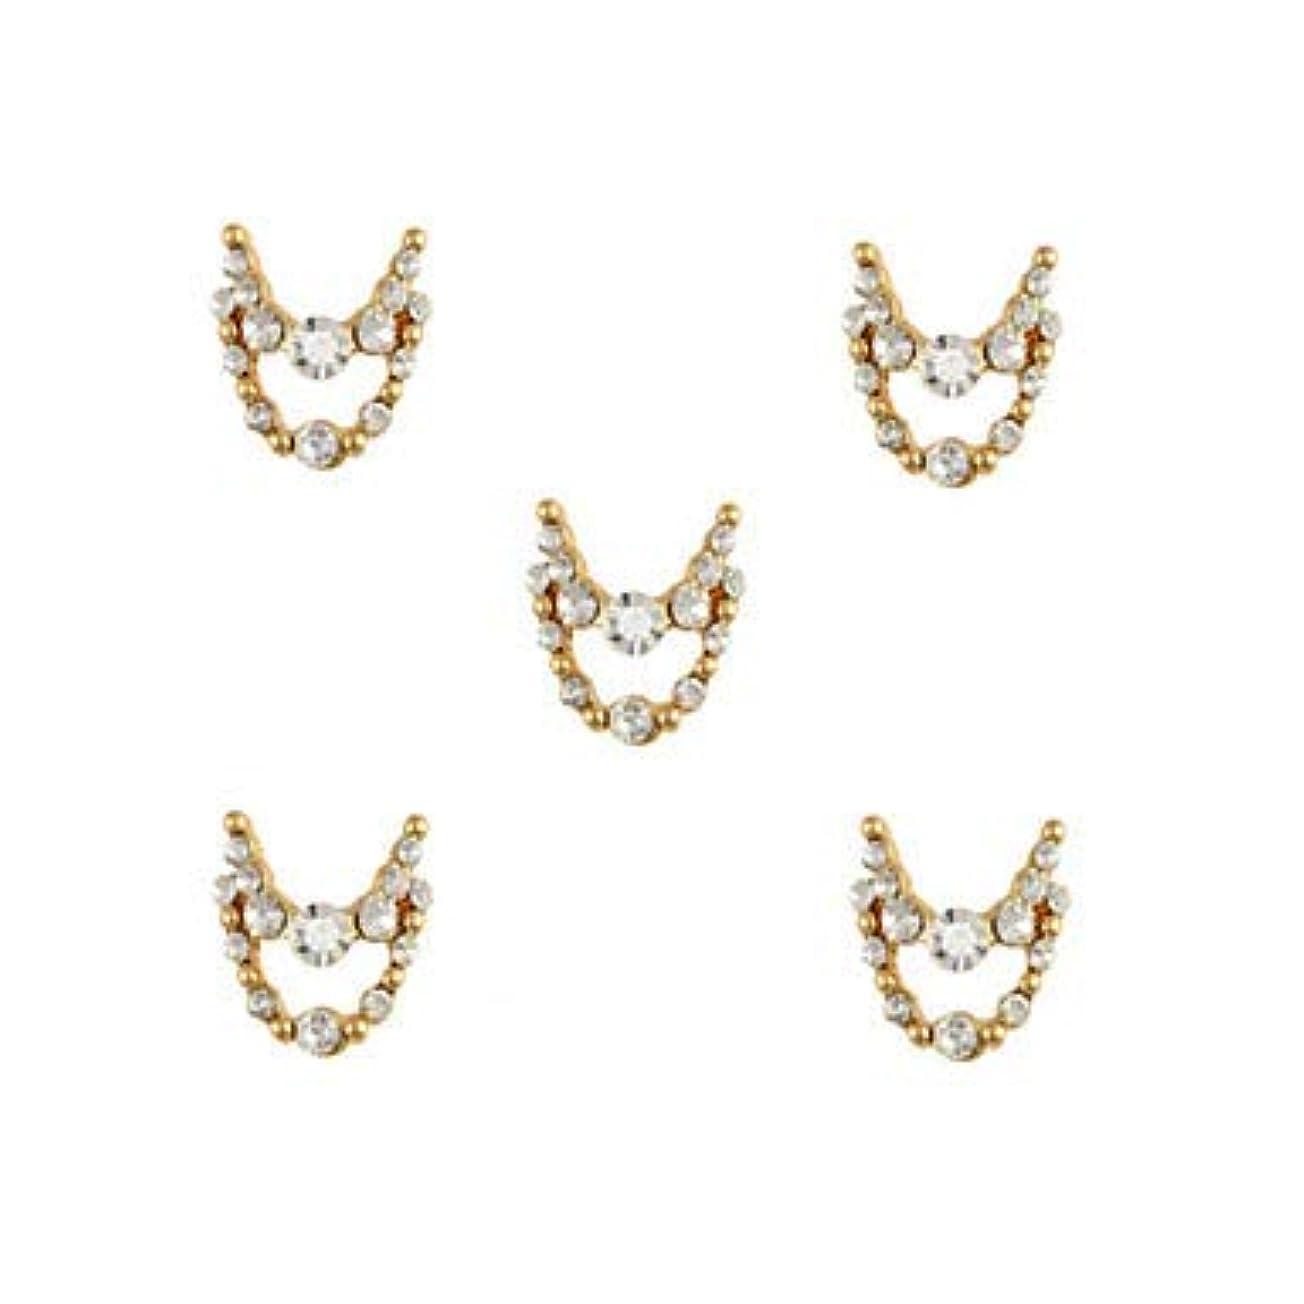 結婚した代表する初心者明確なラインストーン3dチャーム合金ネイルアートの装飾が付いている10個入りゴールドネックレスブラブラ